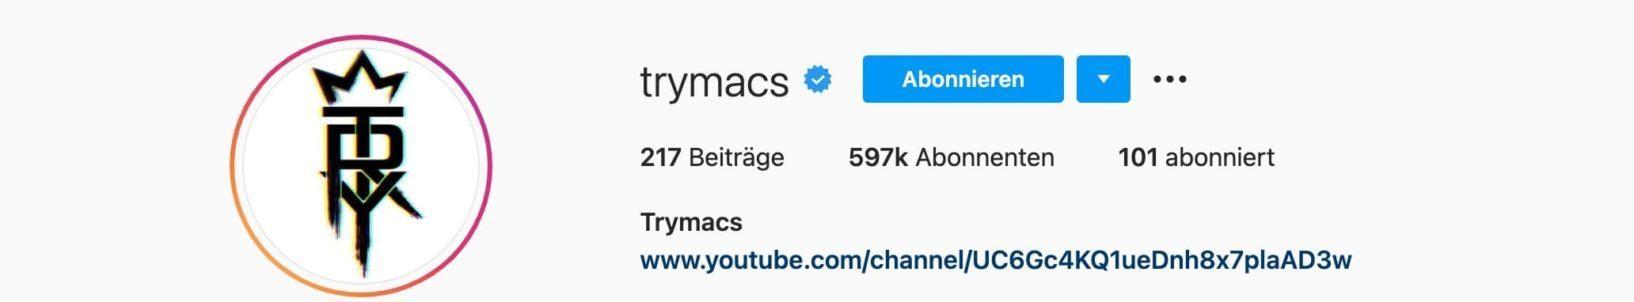 Top-7-Instagram-Influencer-Trymacs-Einstein1